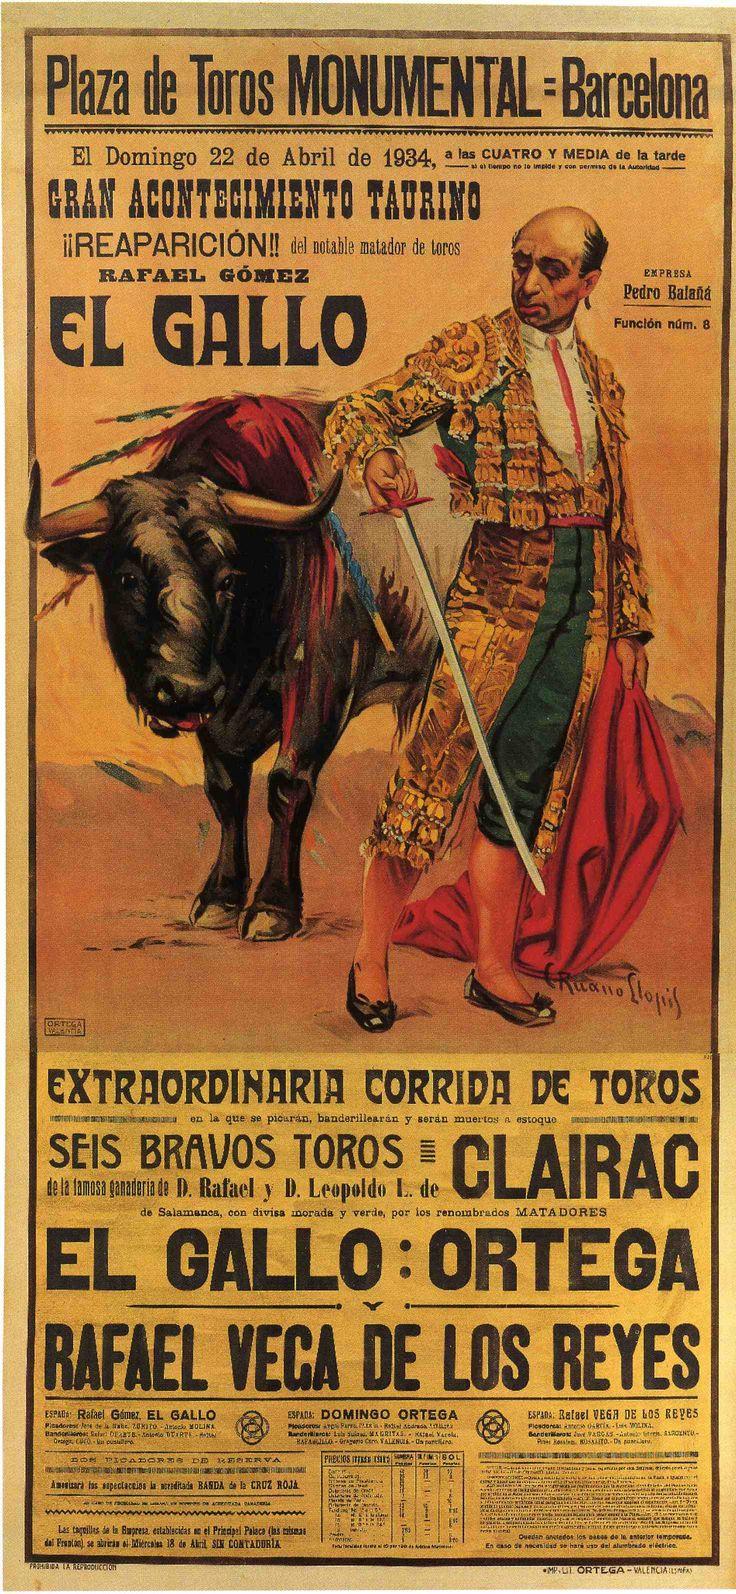 Carteles antiguos de toros: Plaza de Toros la Monumental 22 de abril de 1934